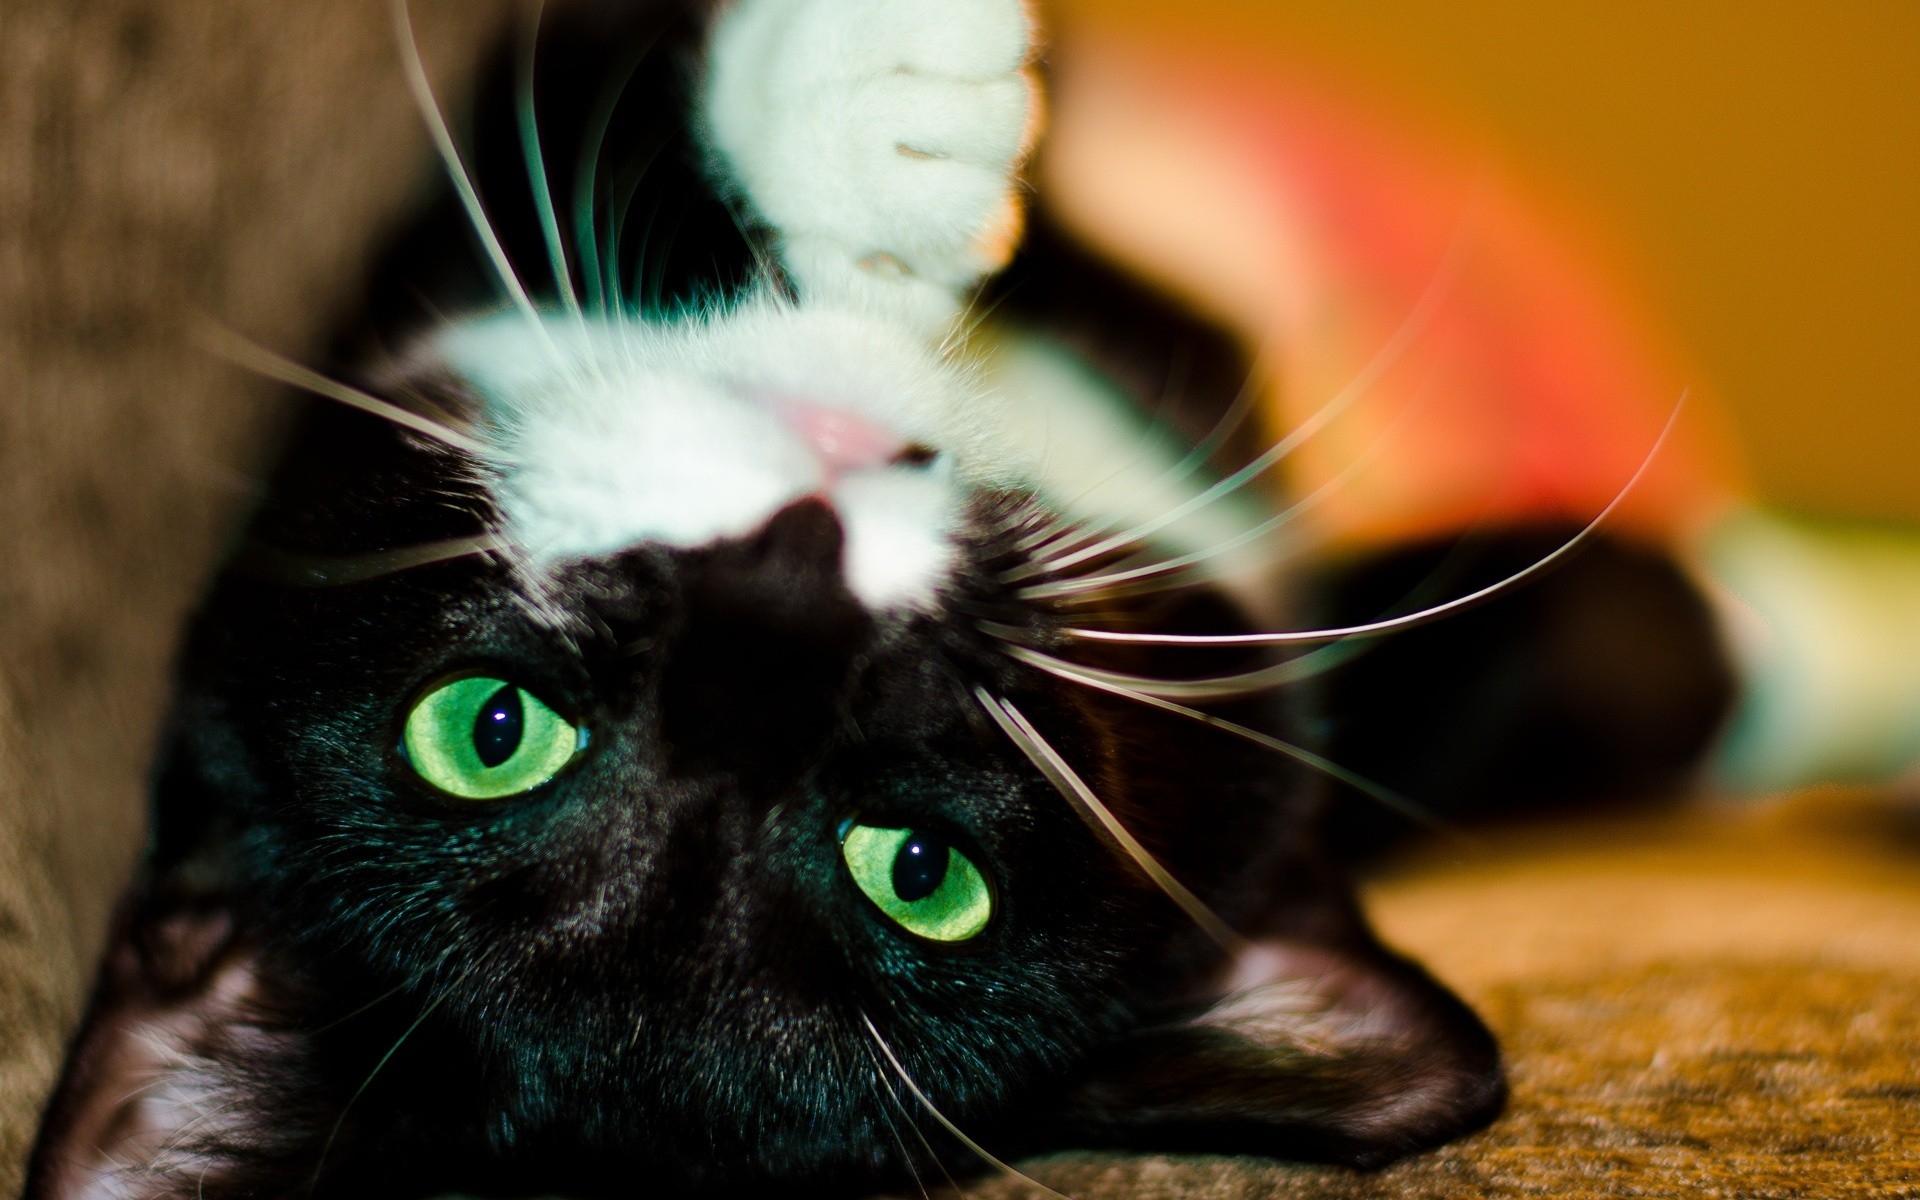 Картинки черной кошки с зелеными глазами красивые